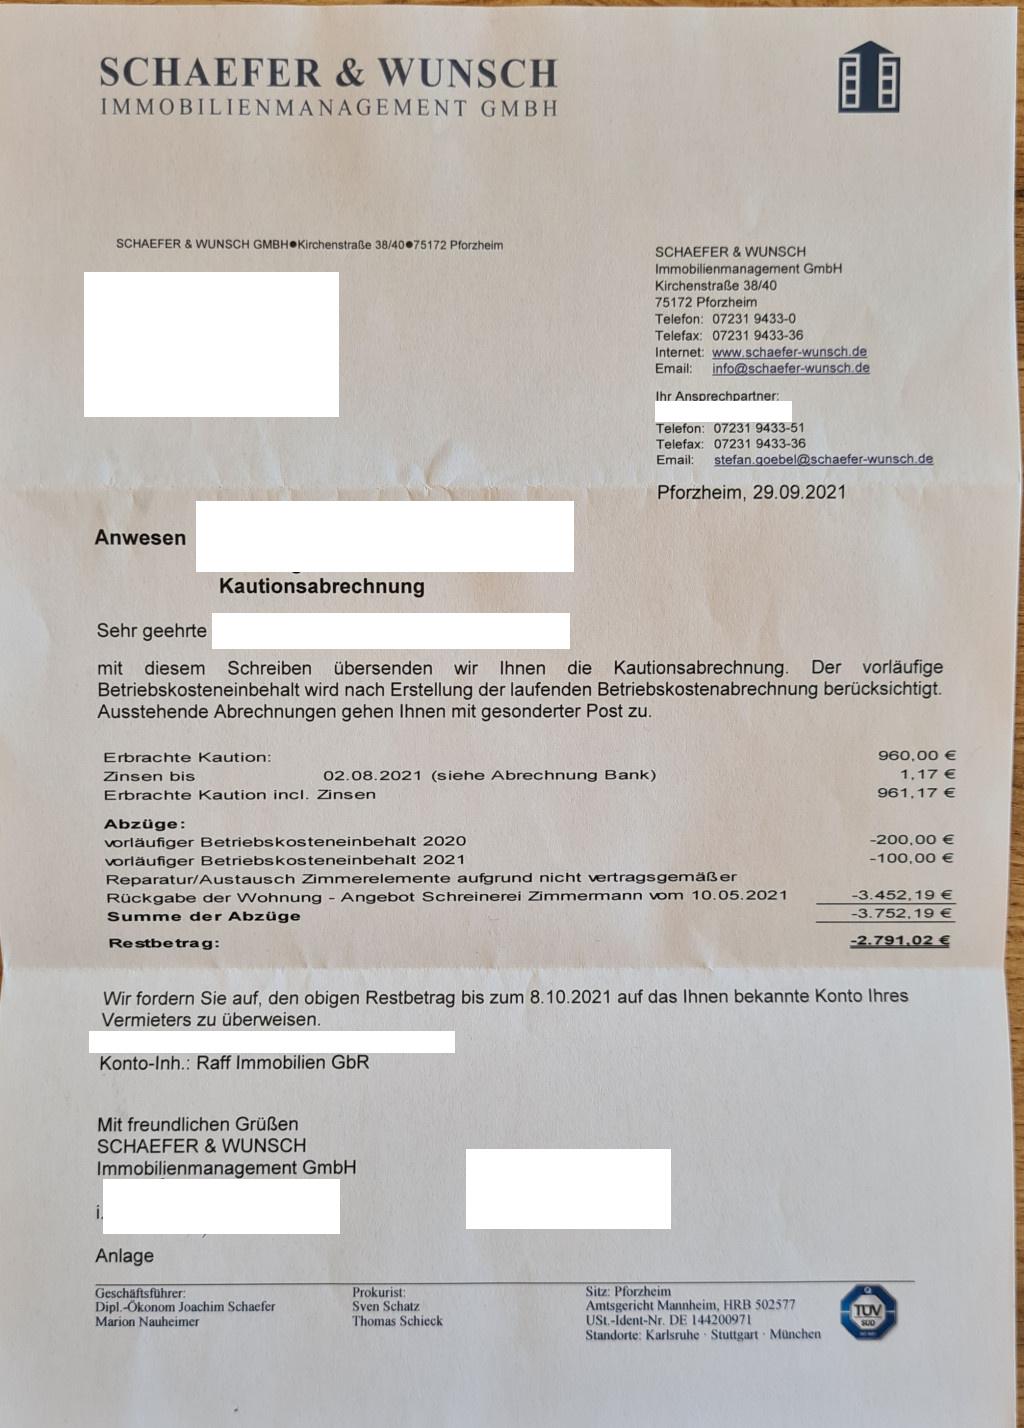 Schaefer und Wunsch Immobilien aus Pforzheim Rechnung über fast 4000€ nach Auszug